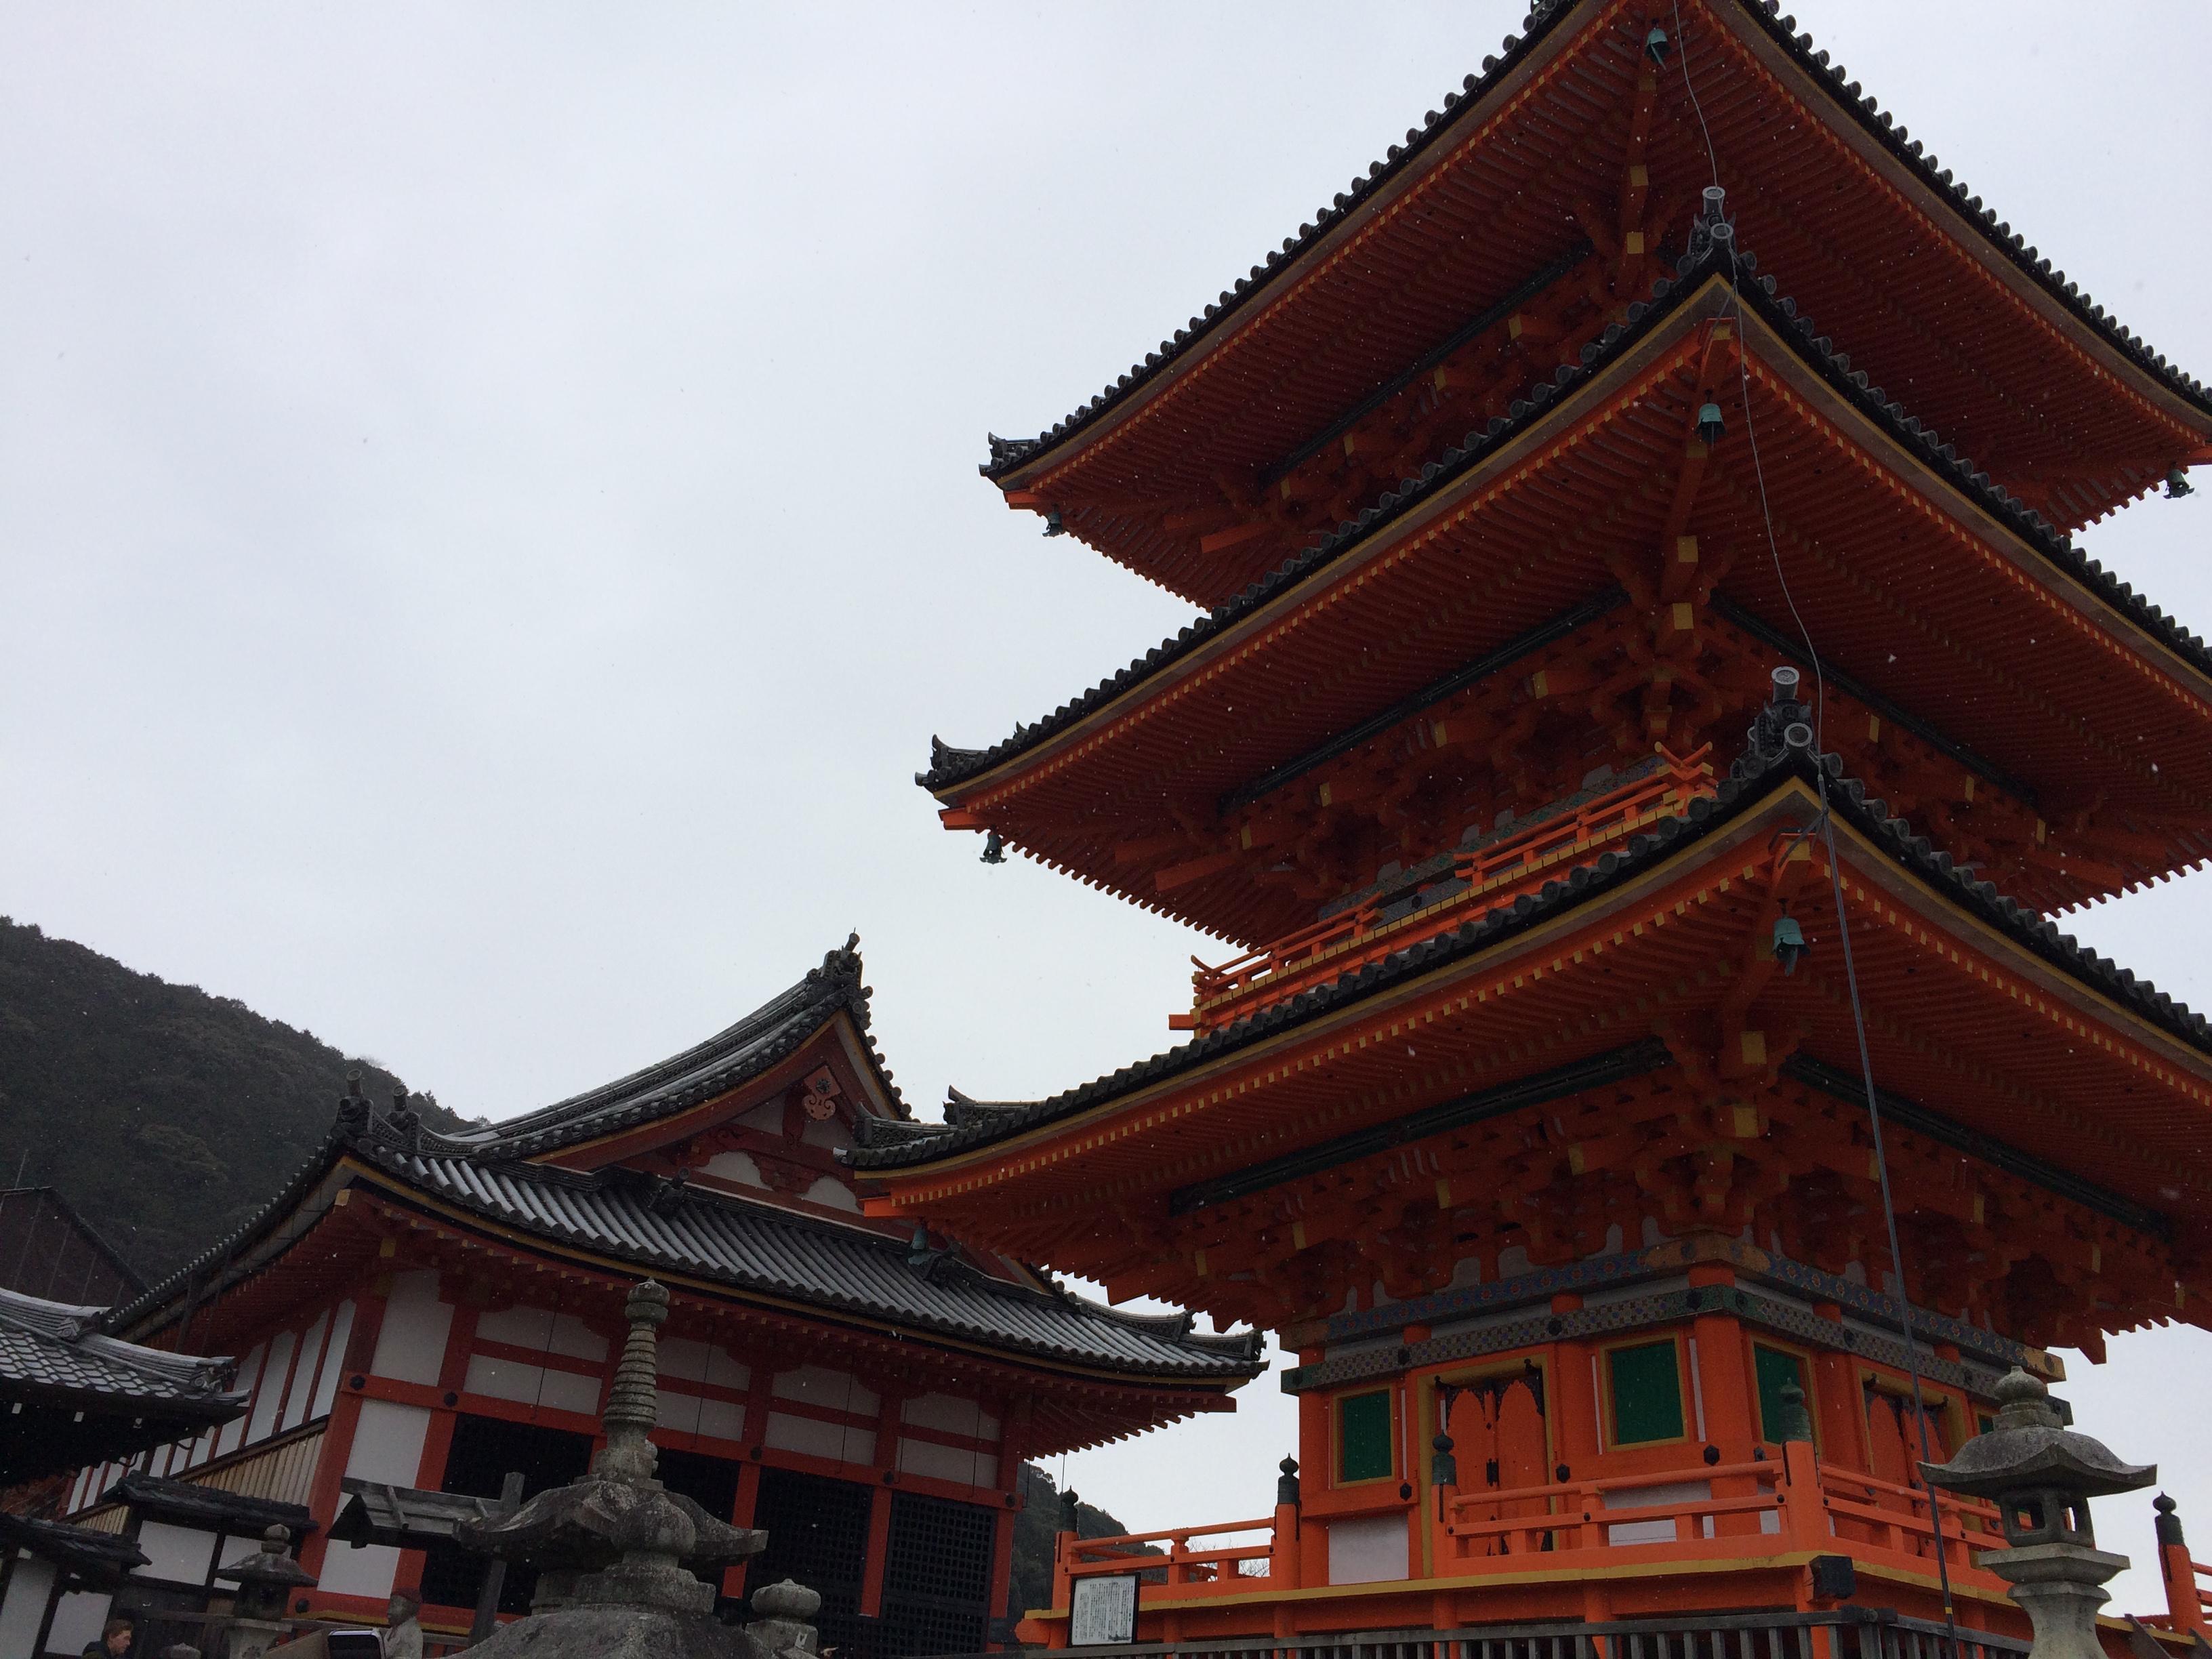 京都で旅ランするなら京都タワー大浴場を利用するべし!清水寺・無双心ラーメンプラン